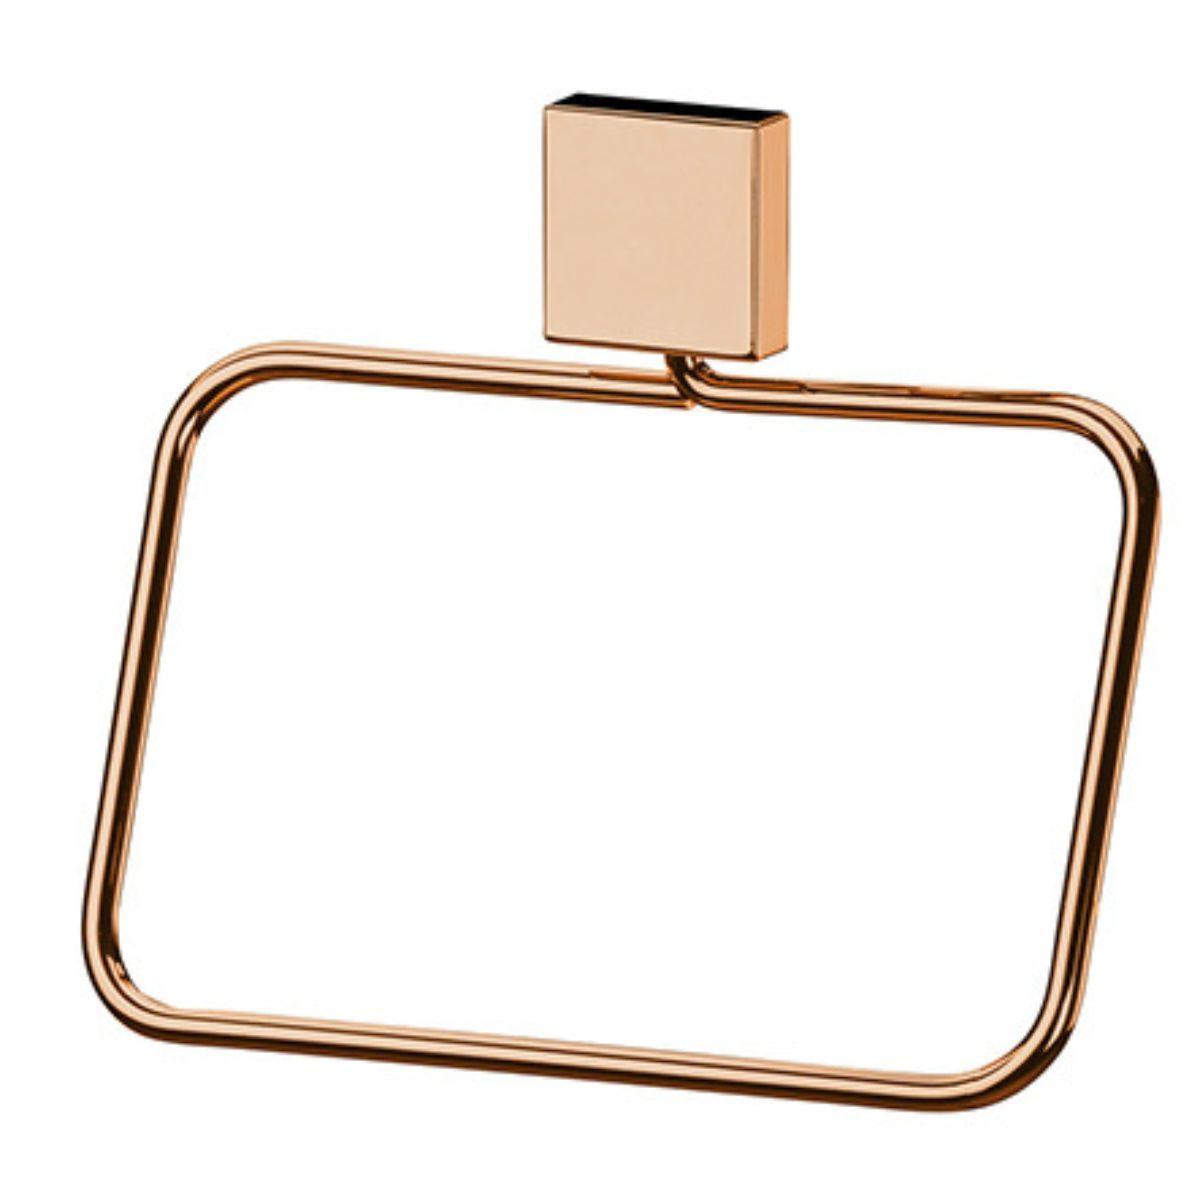 Kit Banheiro 6 peças Cobre Rosé Gold Fixação Parafuso